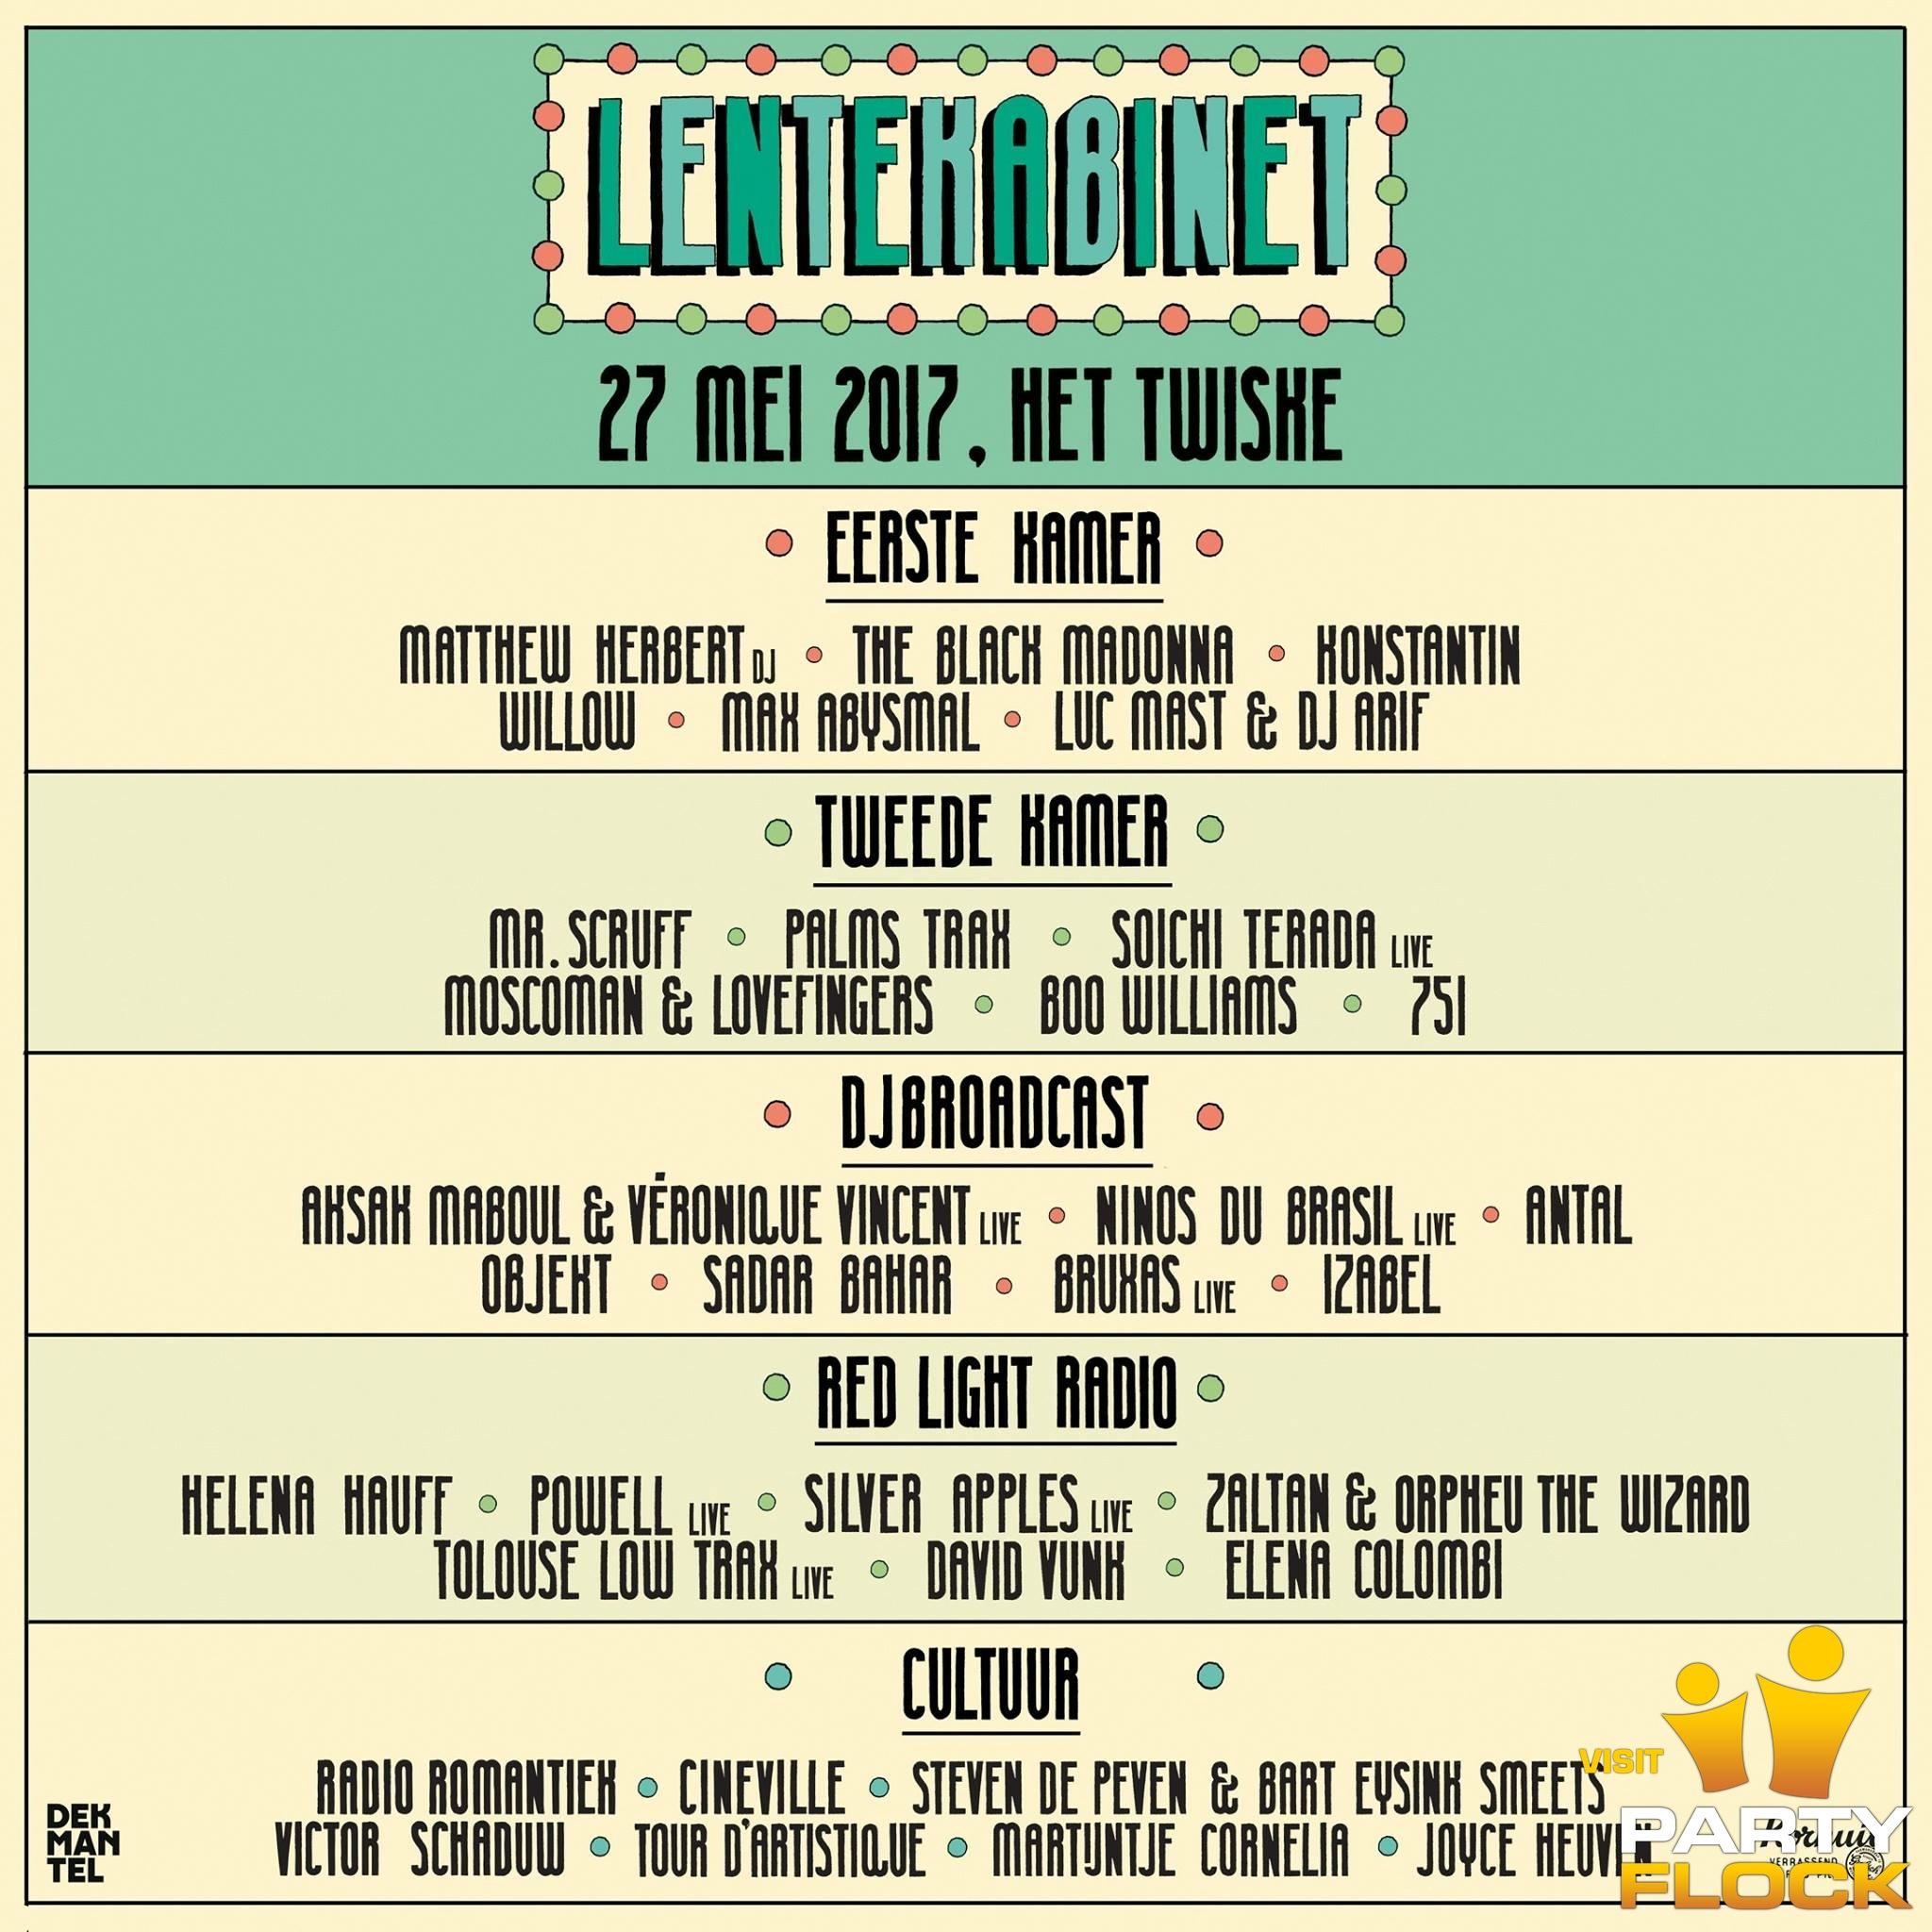 Lente-Kabinet-Festival.jpg